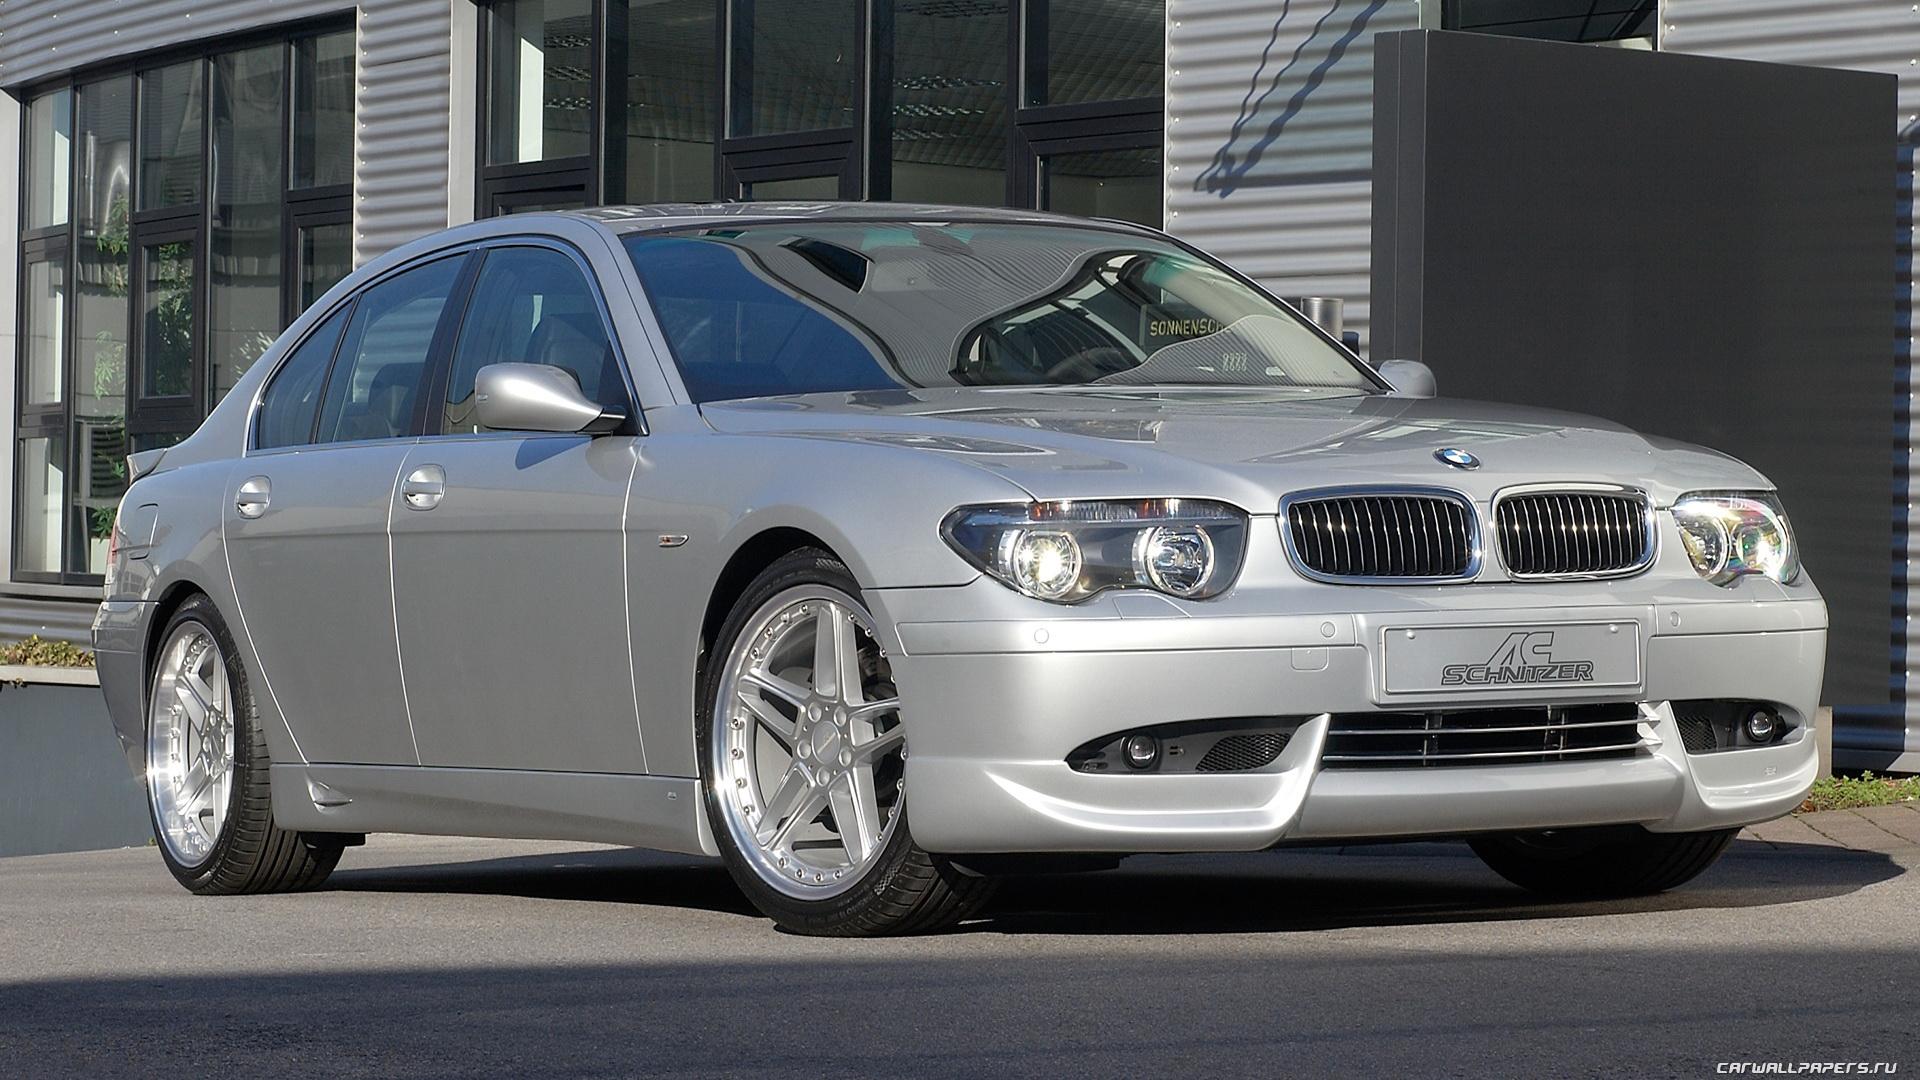 BMW 7 серии Е65/E66, история, обзоры, тюнинг